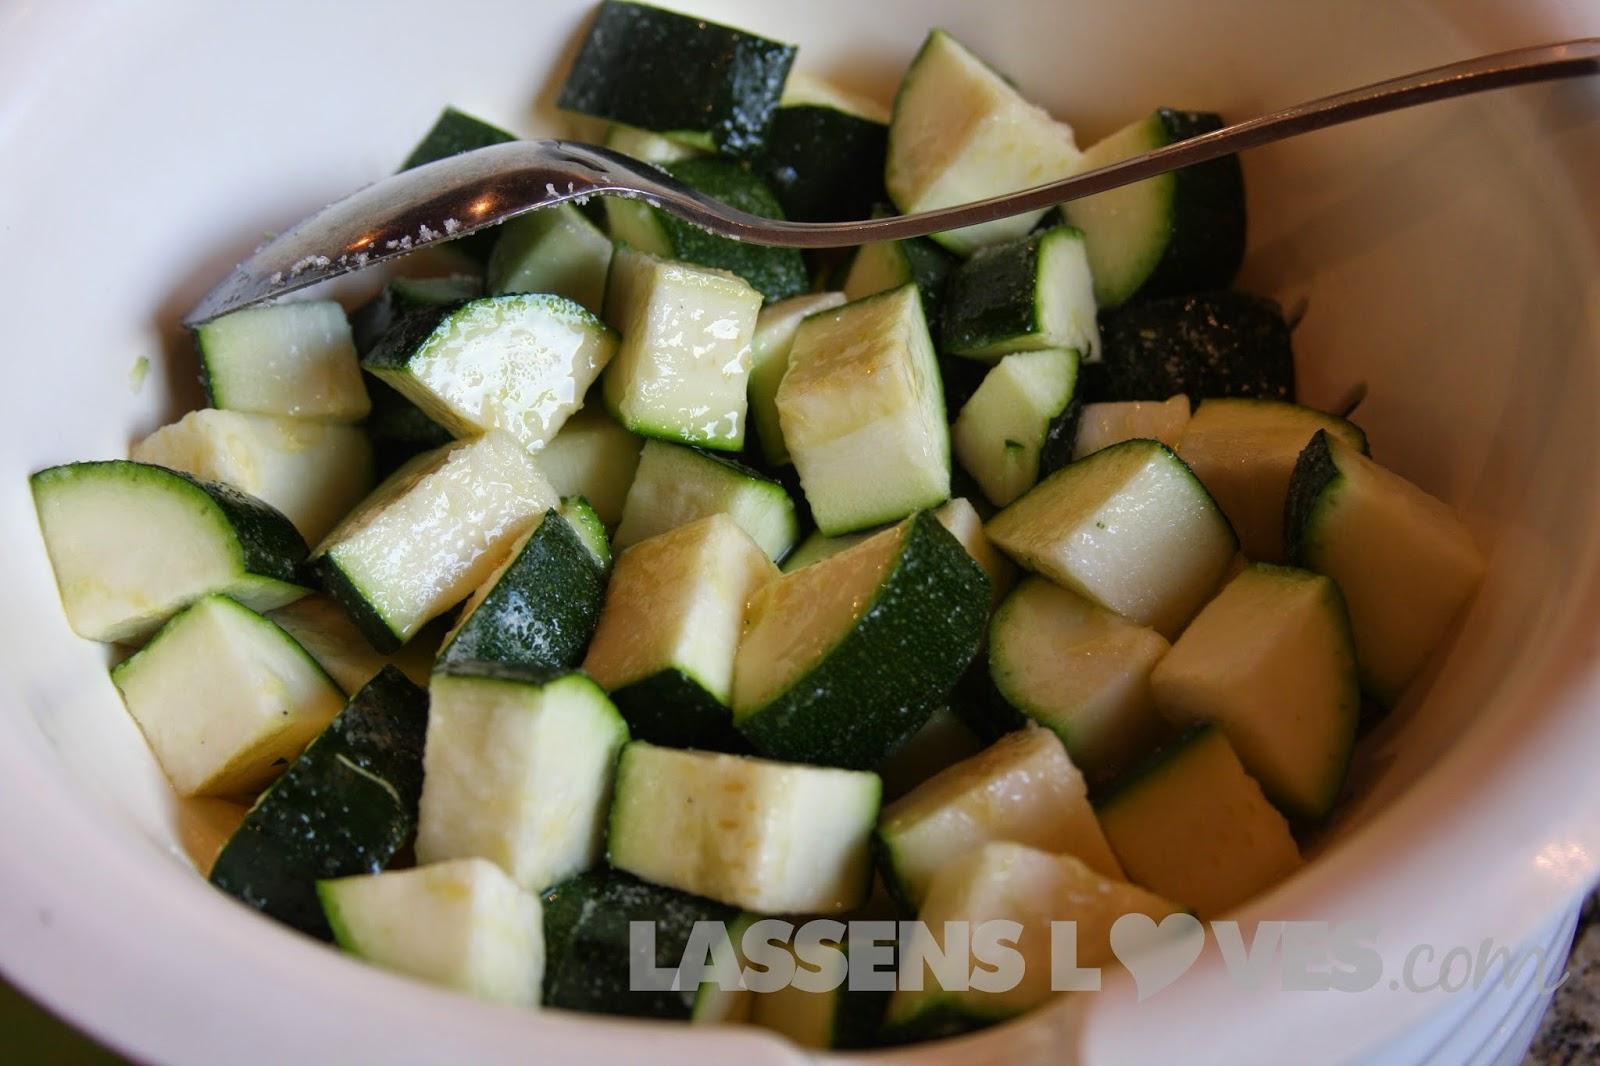 organic+produce, zucchini+recipes, non+gmo